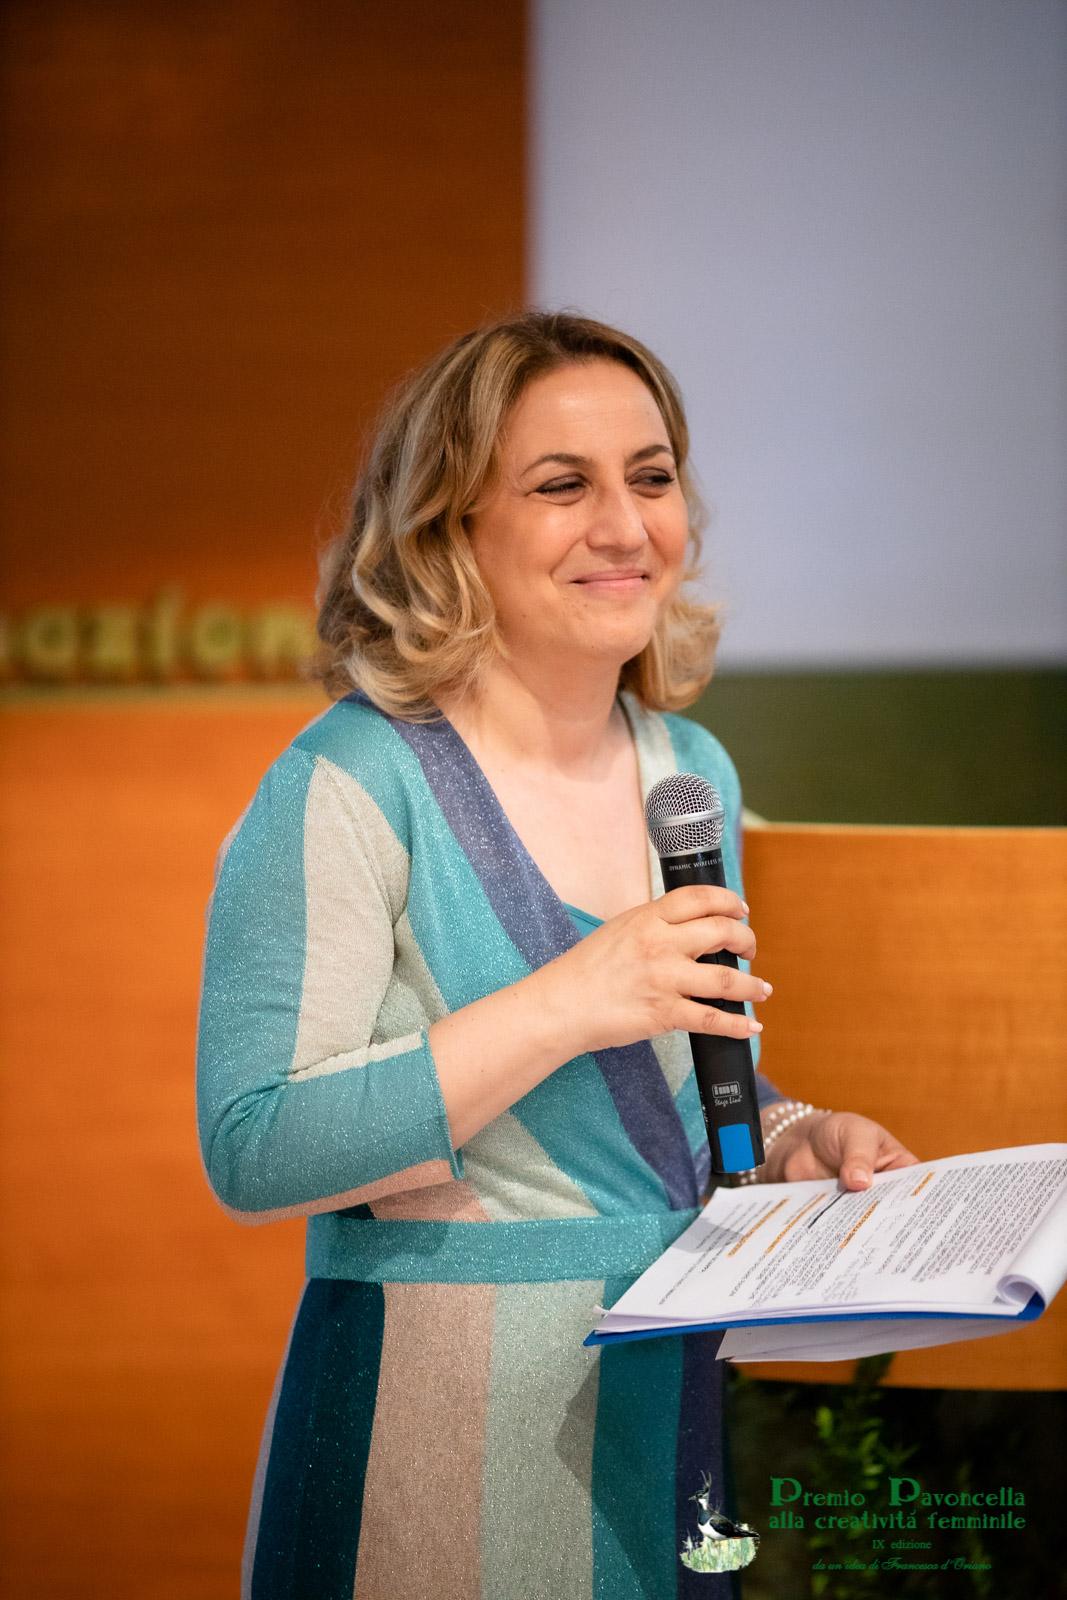 La giornalista Rai, Isabella Di Chio, brillante conduttrice della serata